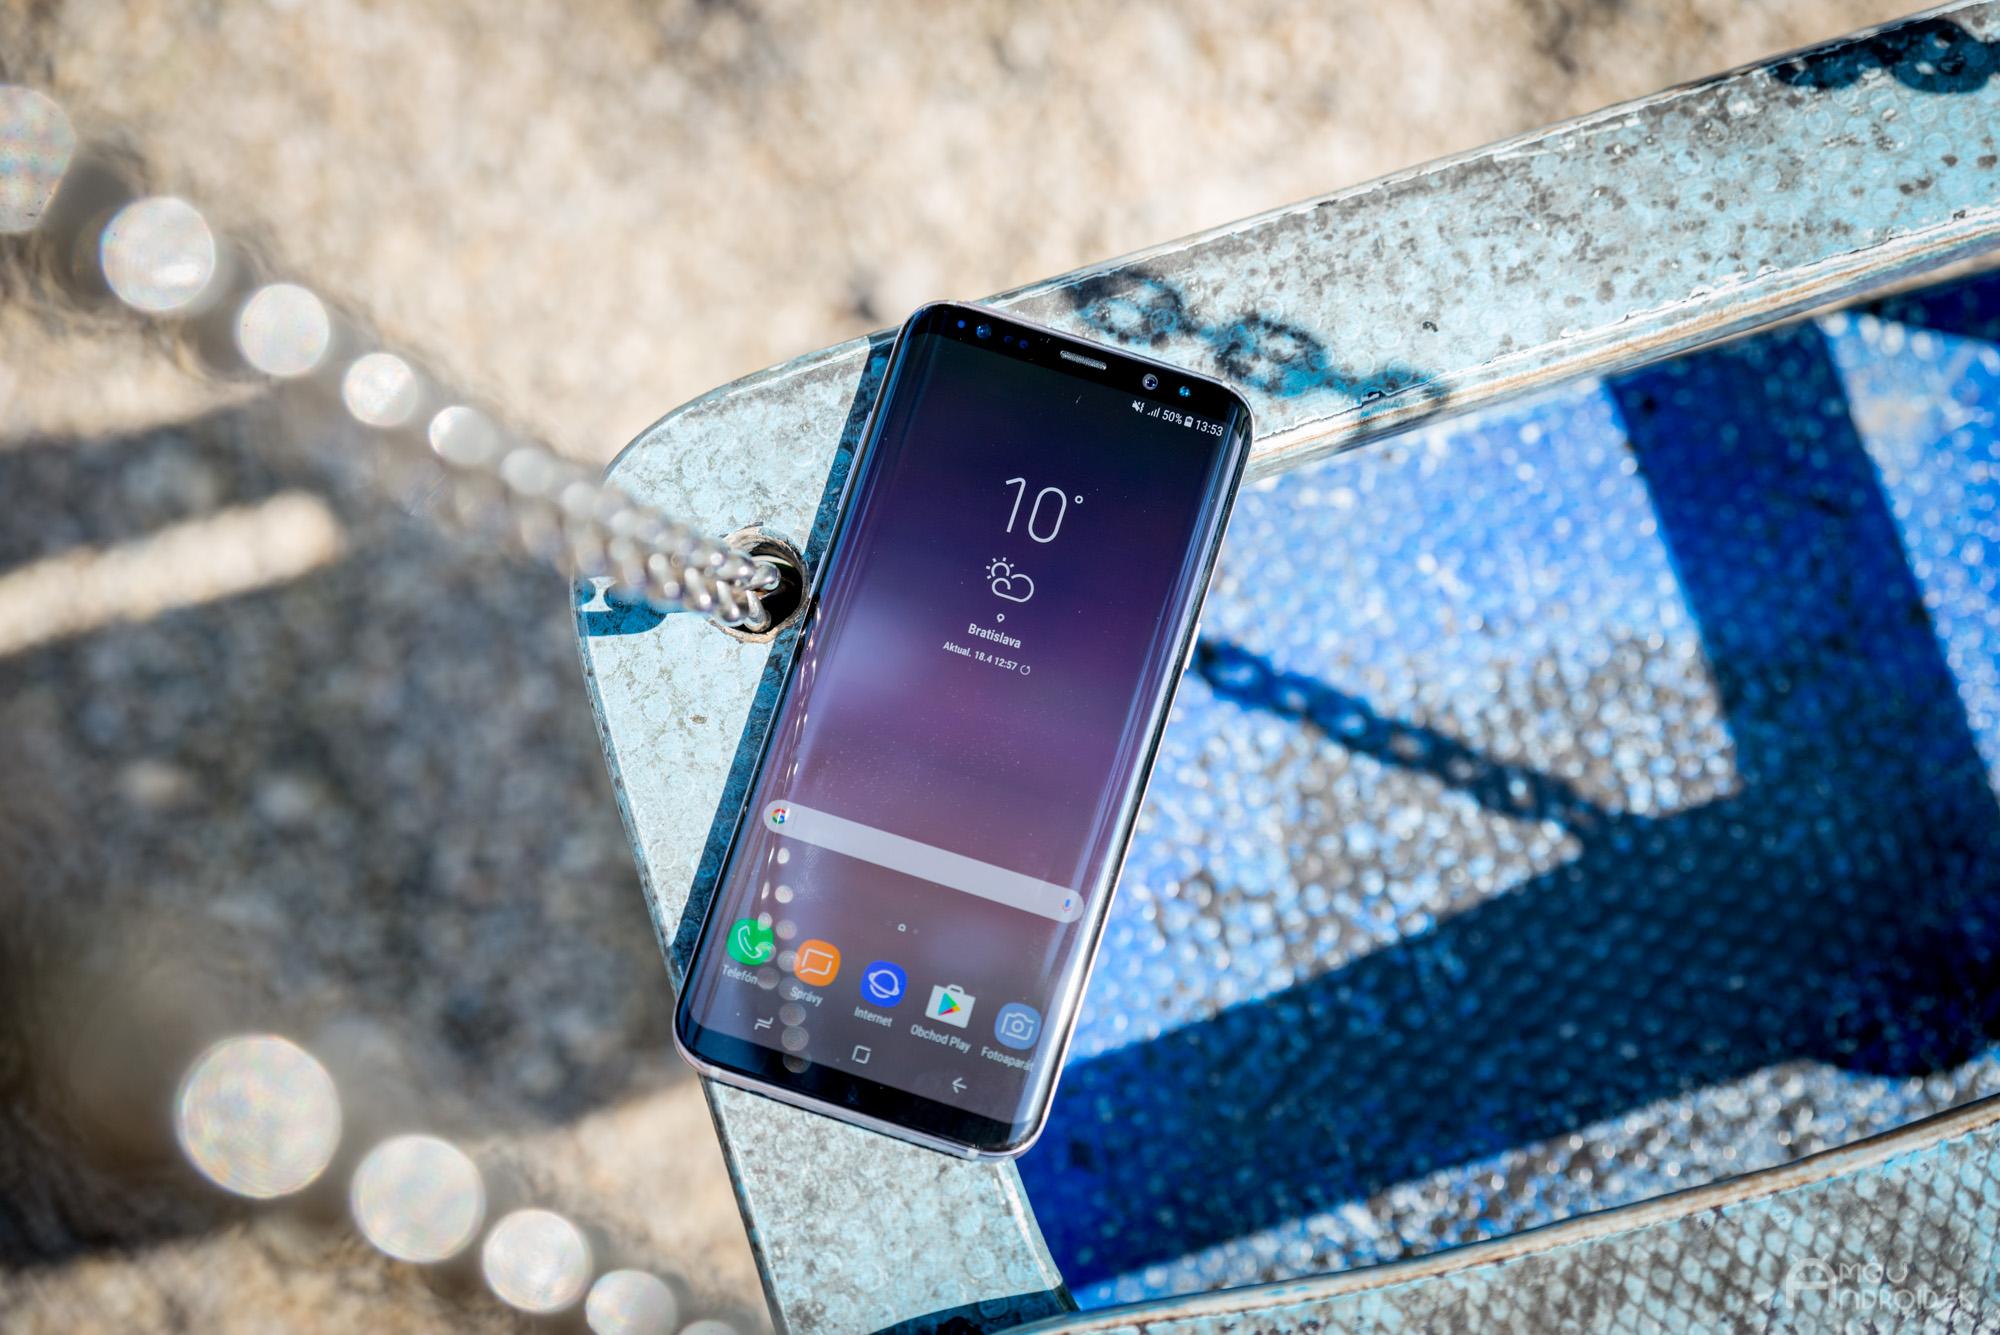 Samsung Galaxy S8+ 21